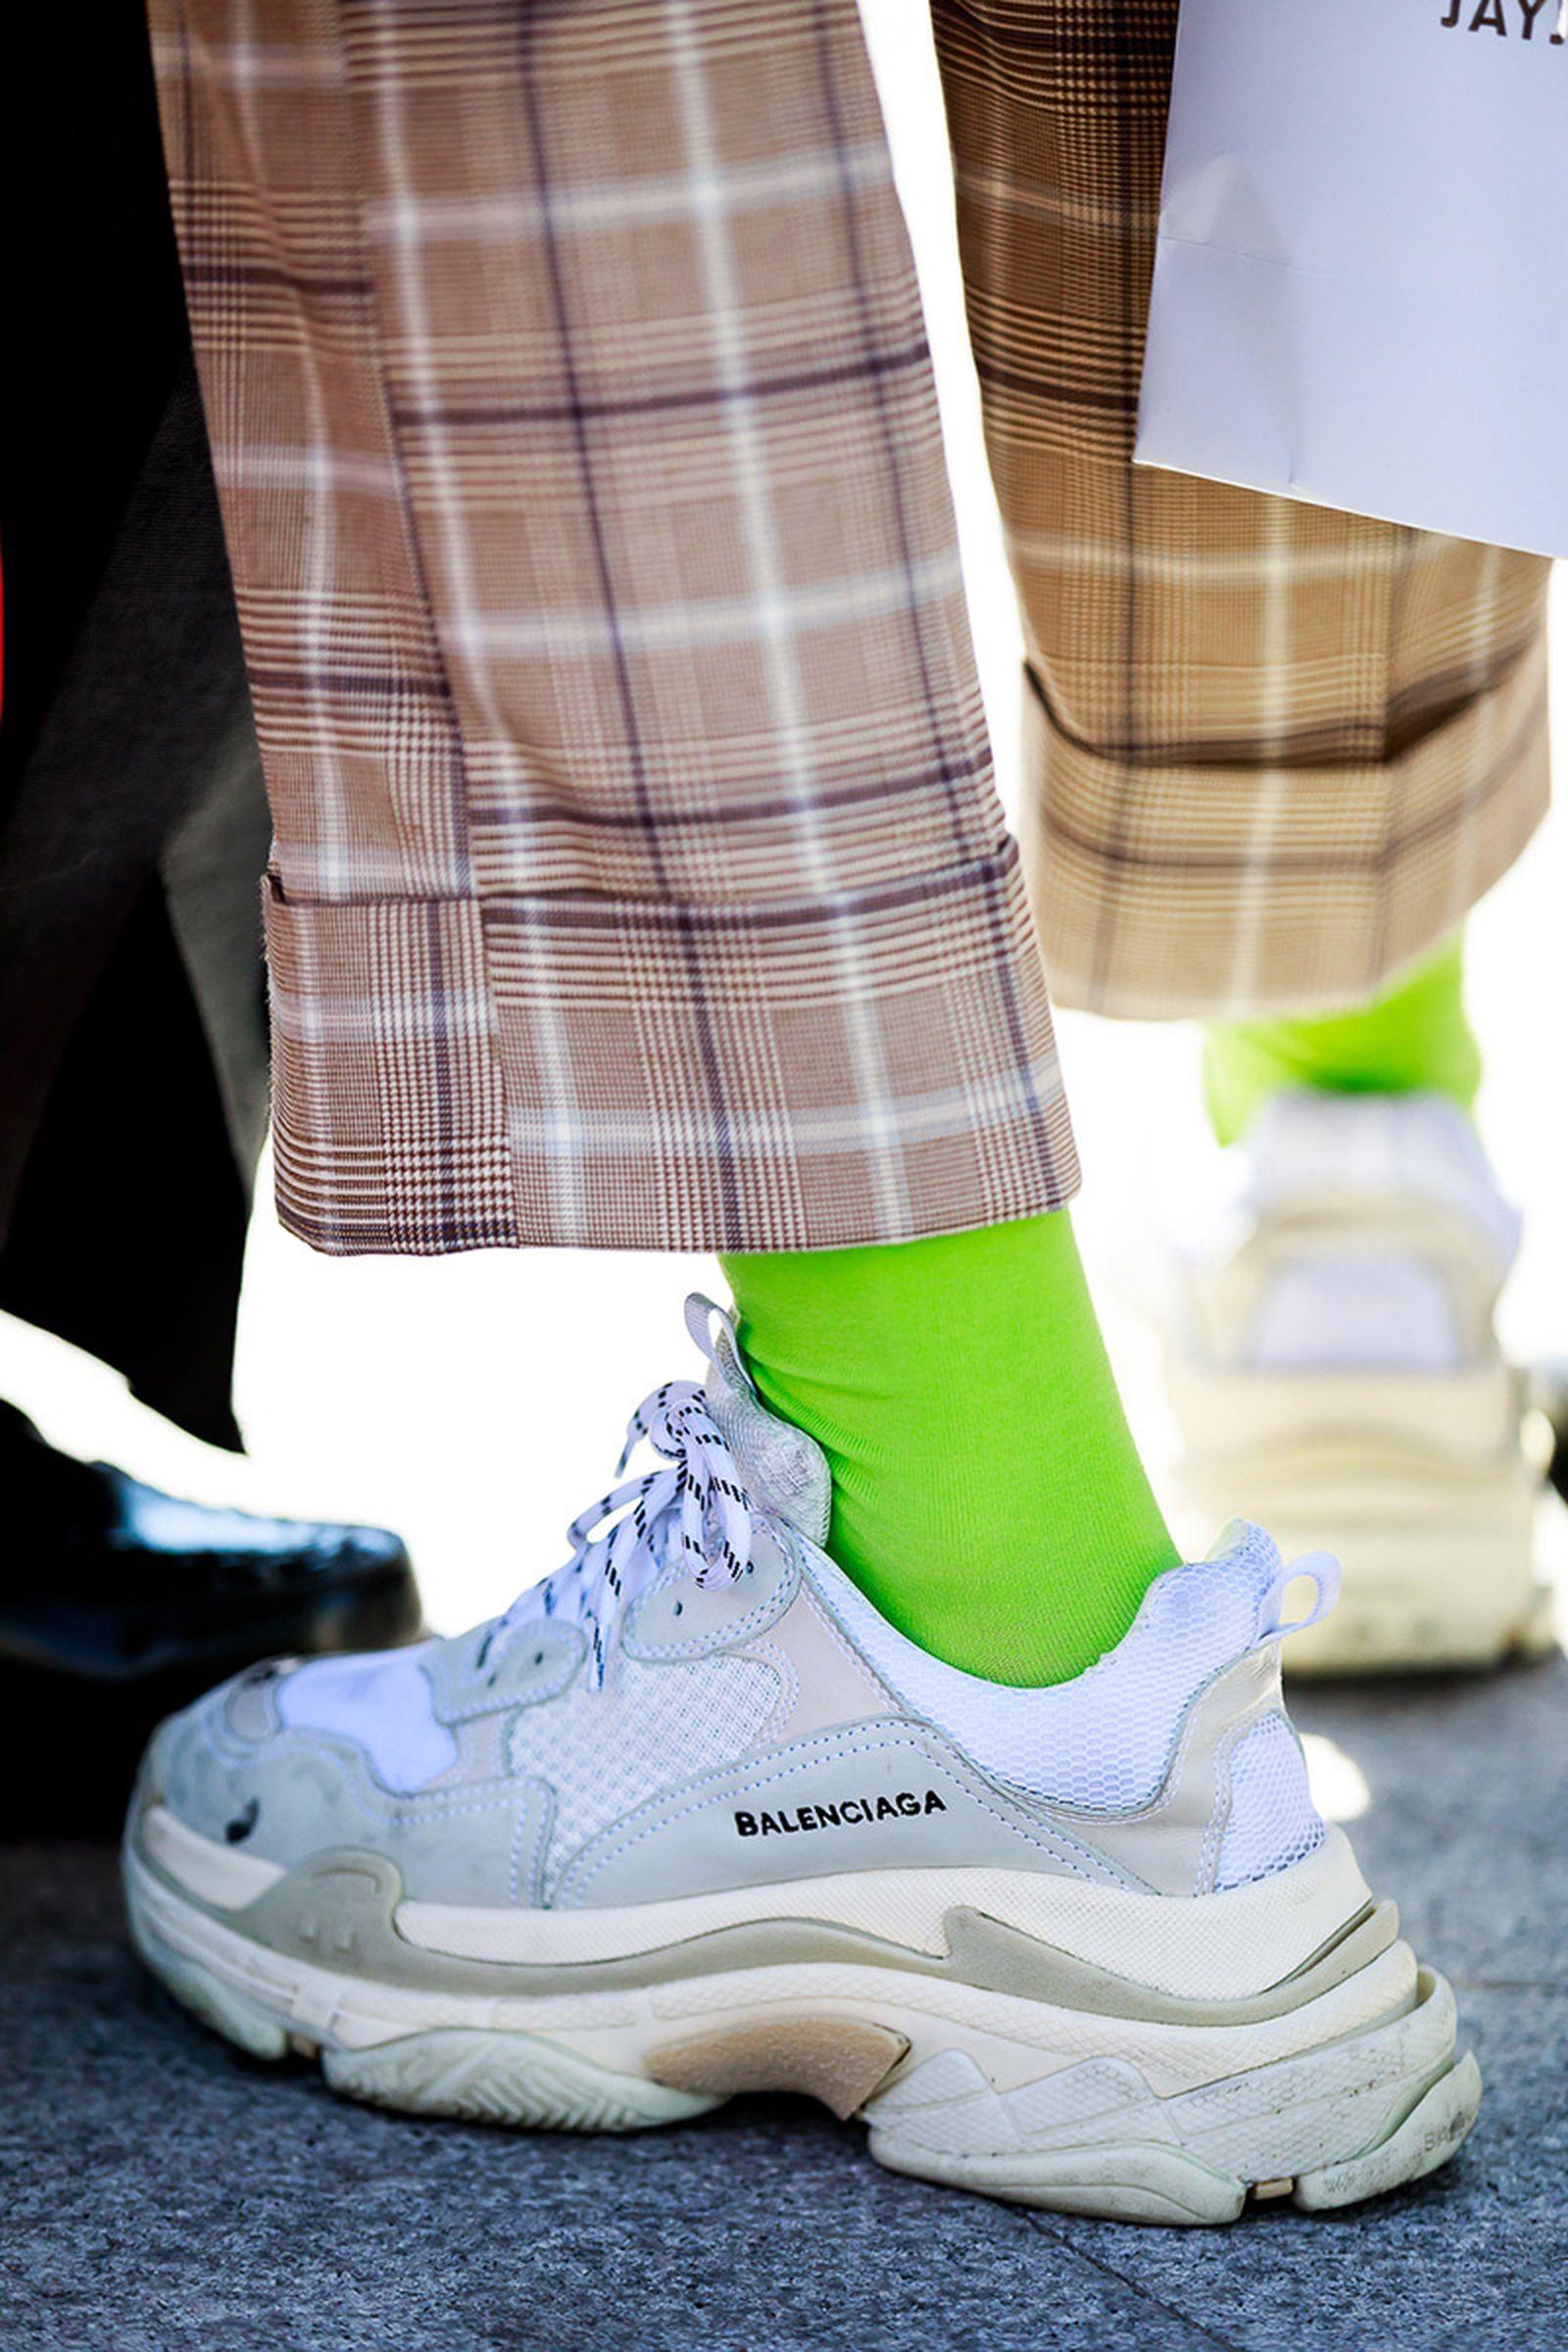 FW19 Seoul StreetStyle Sneakers PaulJeong 12 Sneaker street style seoul fashion week